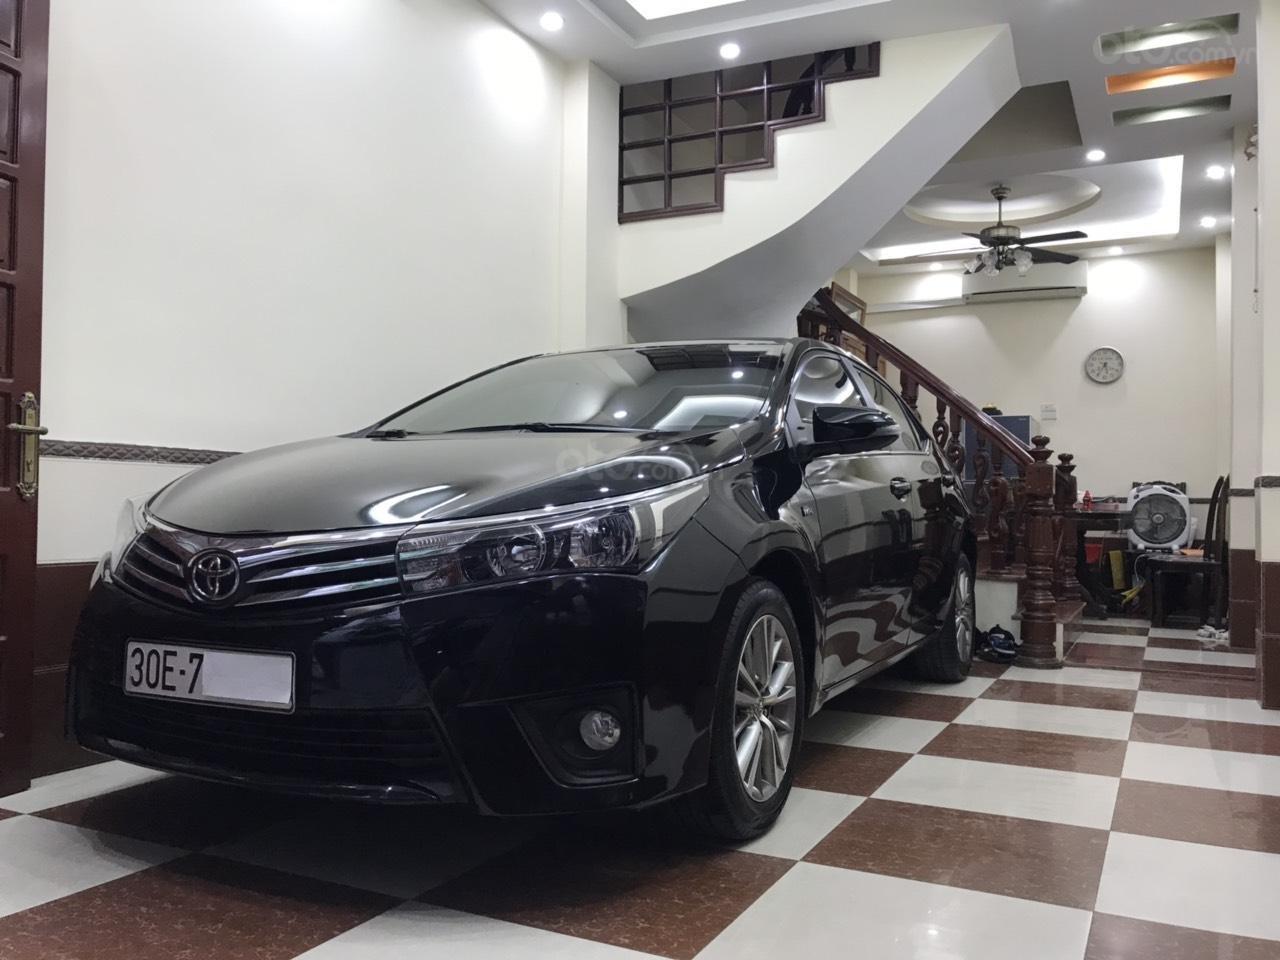 Toyota Corolla Altis 1.8G màu đen, đời 2017, số tự động đa cấp, lốp dự phòng còn mới tinh, biển đẹp, màn hình DVD (5)